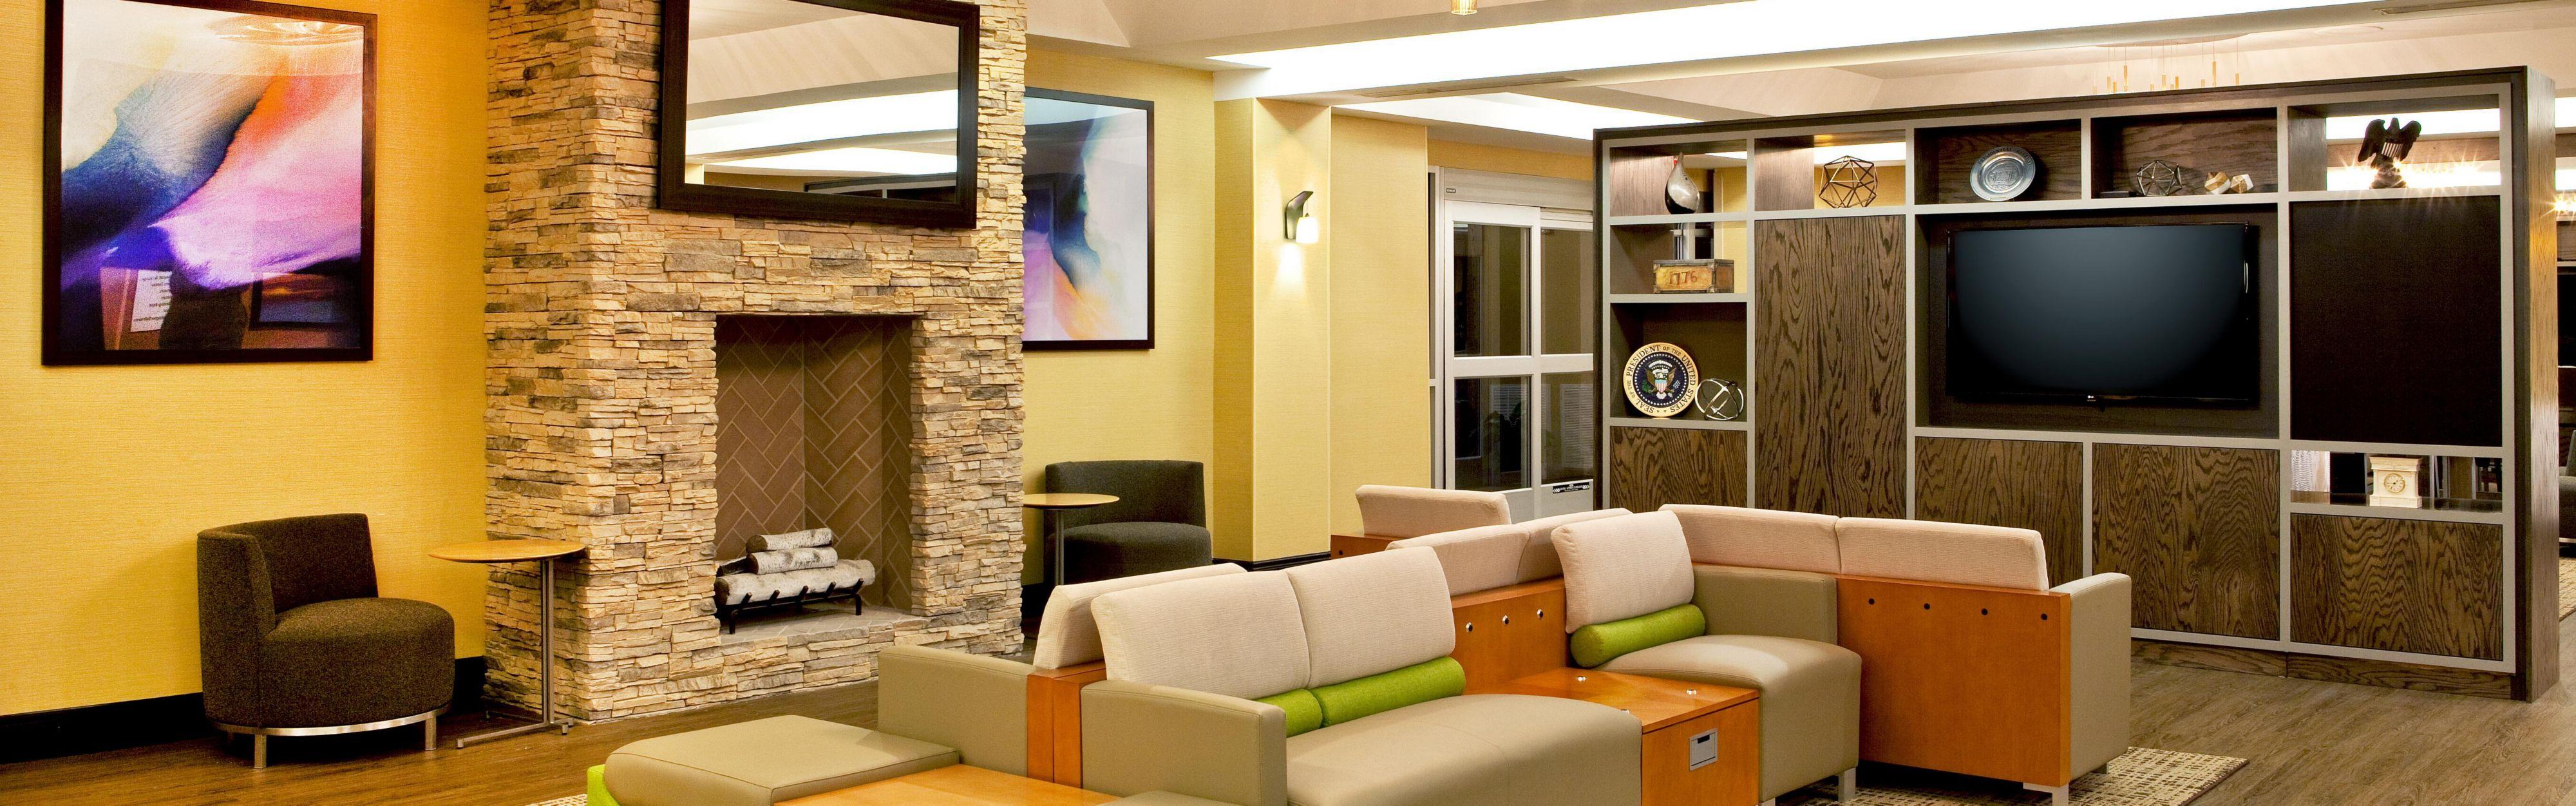 Holiday Inn Little Rock-Presidential-Dwntn image 0